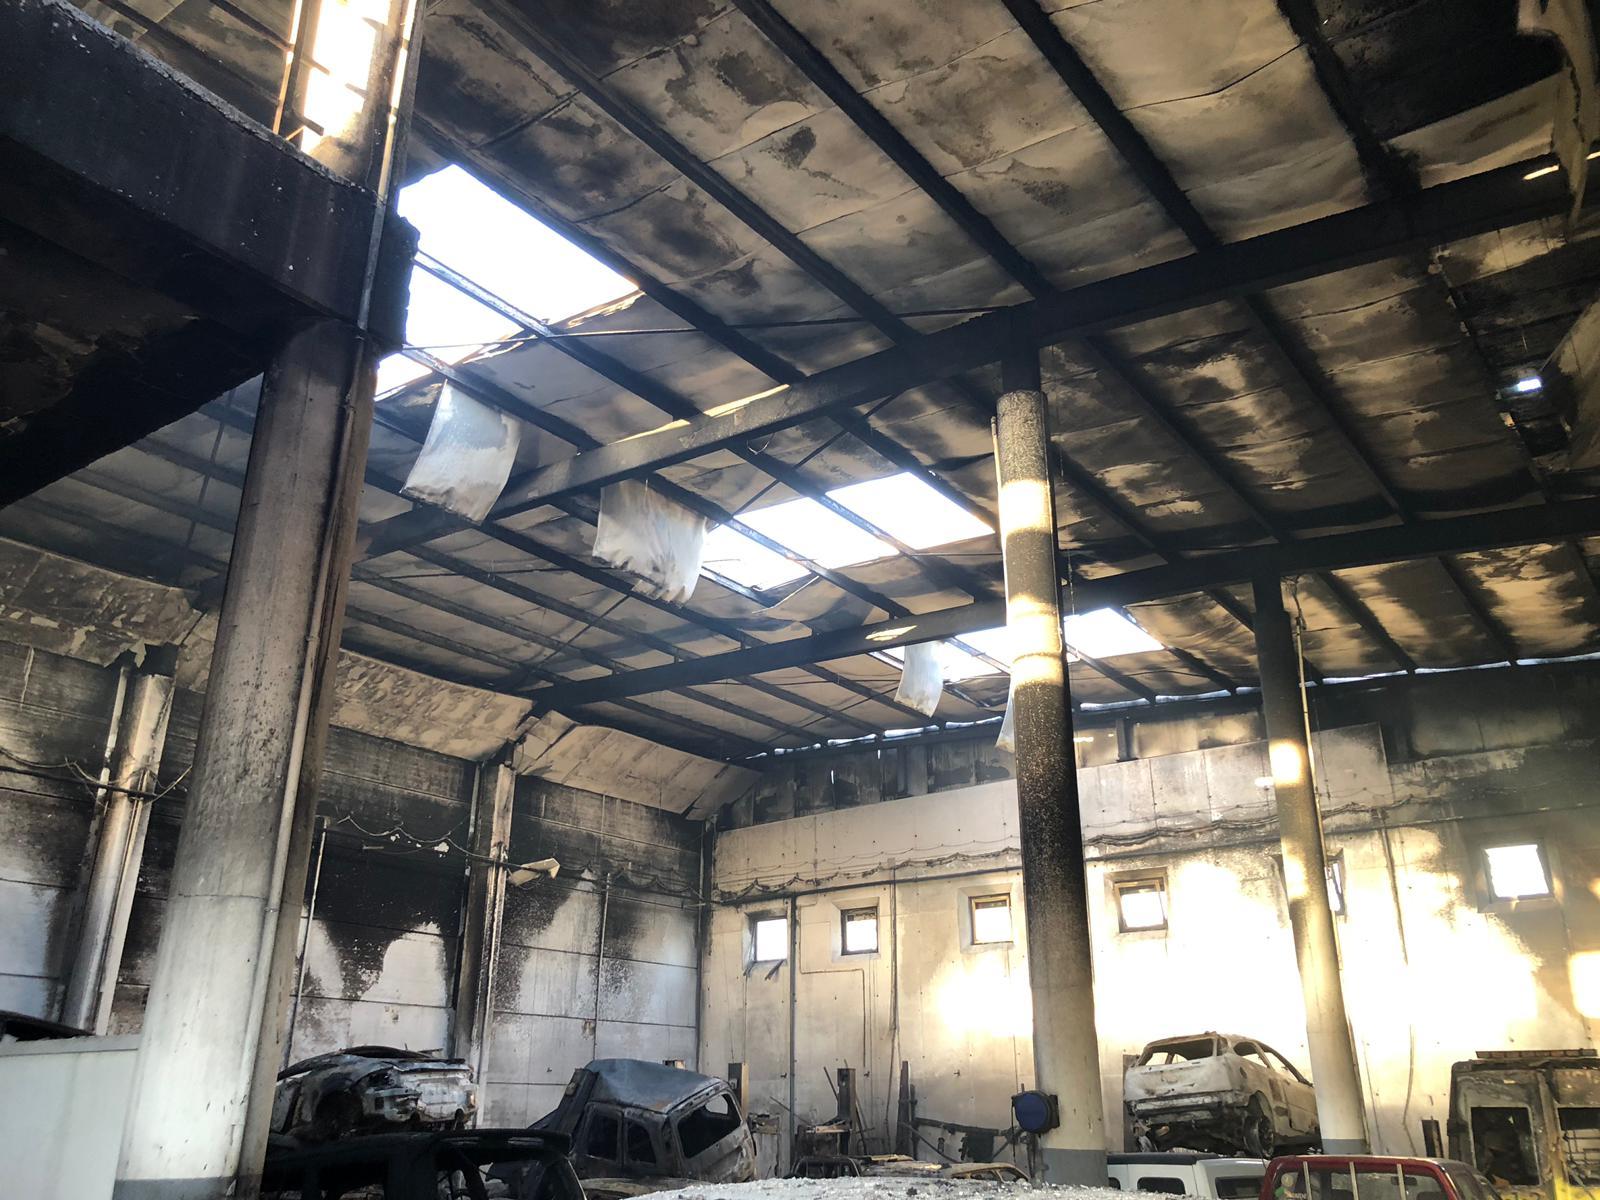 Incendio en un taller de mecánica en el Polígono Industrial Valle de Güímar / LOS JARDINEROS